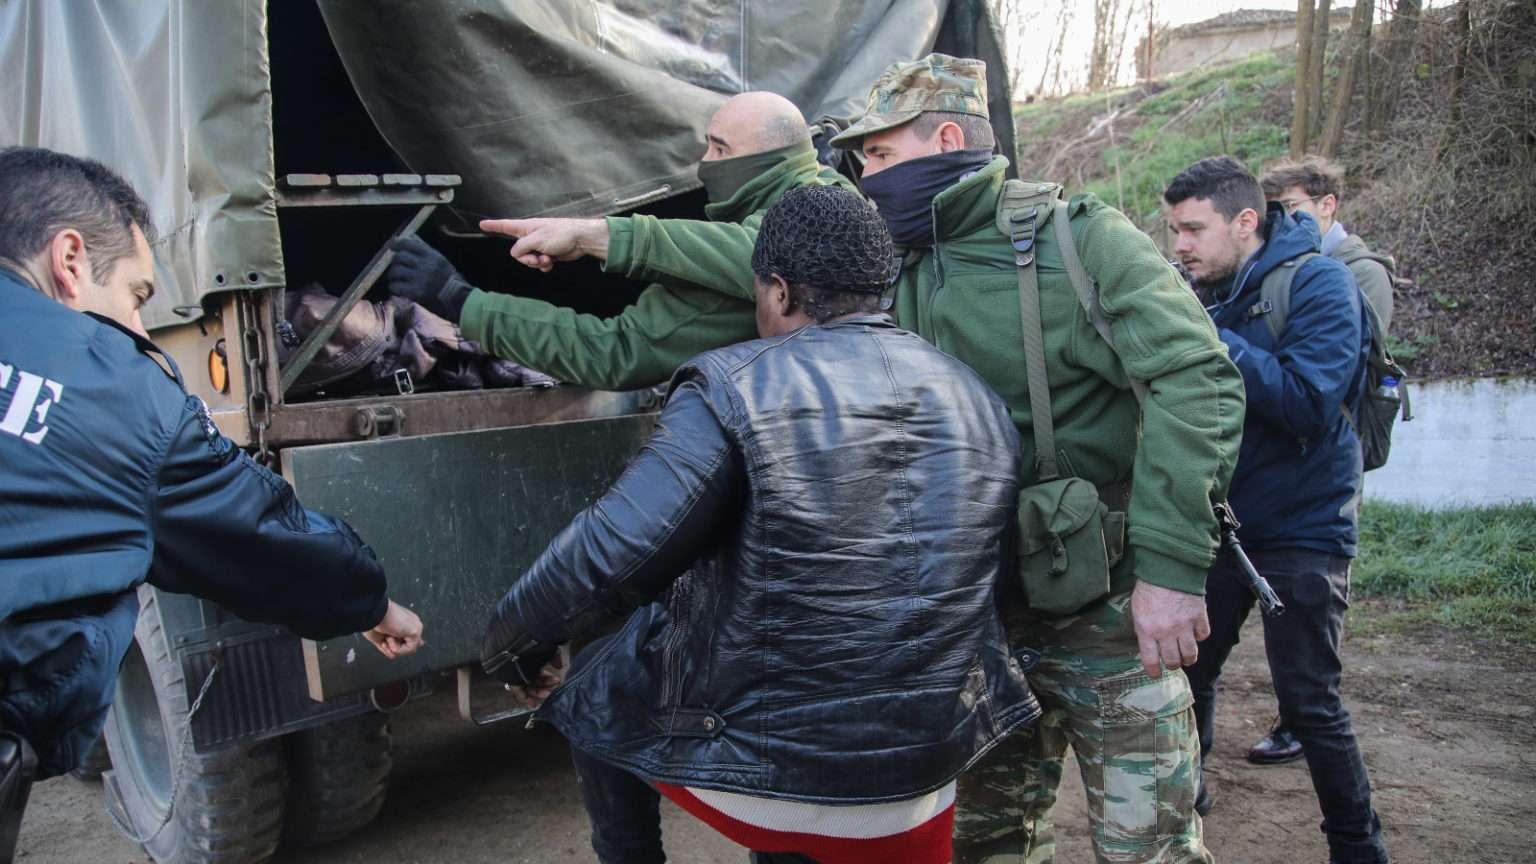 Συλλήψεις μεταναστών στον Έβρο από τον Ελληνικό Στρατό